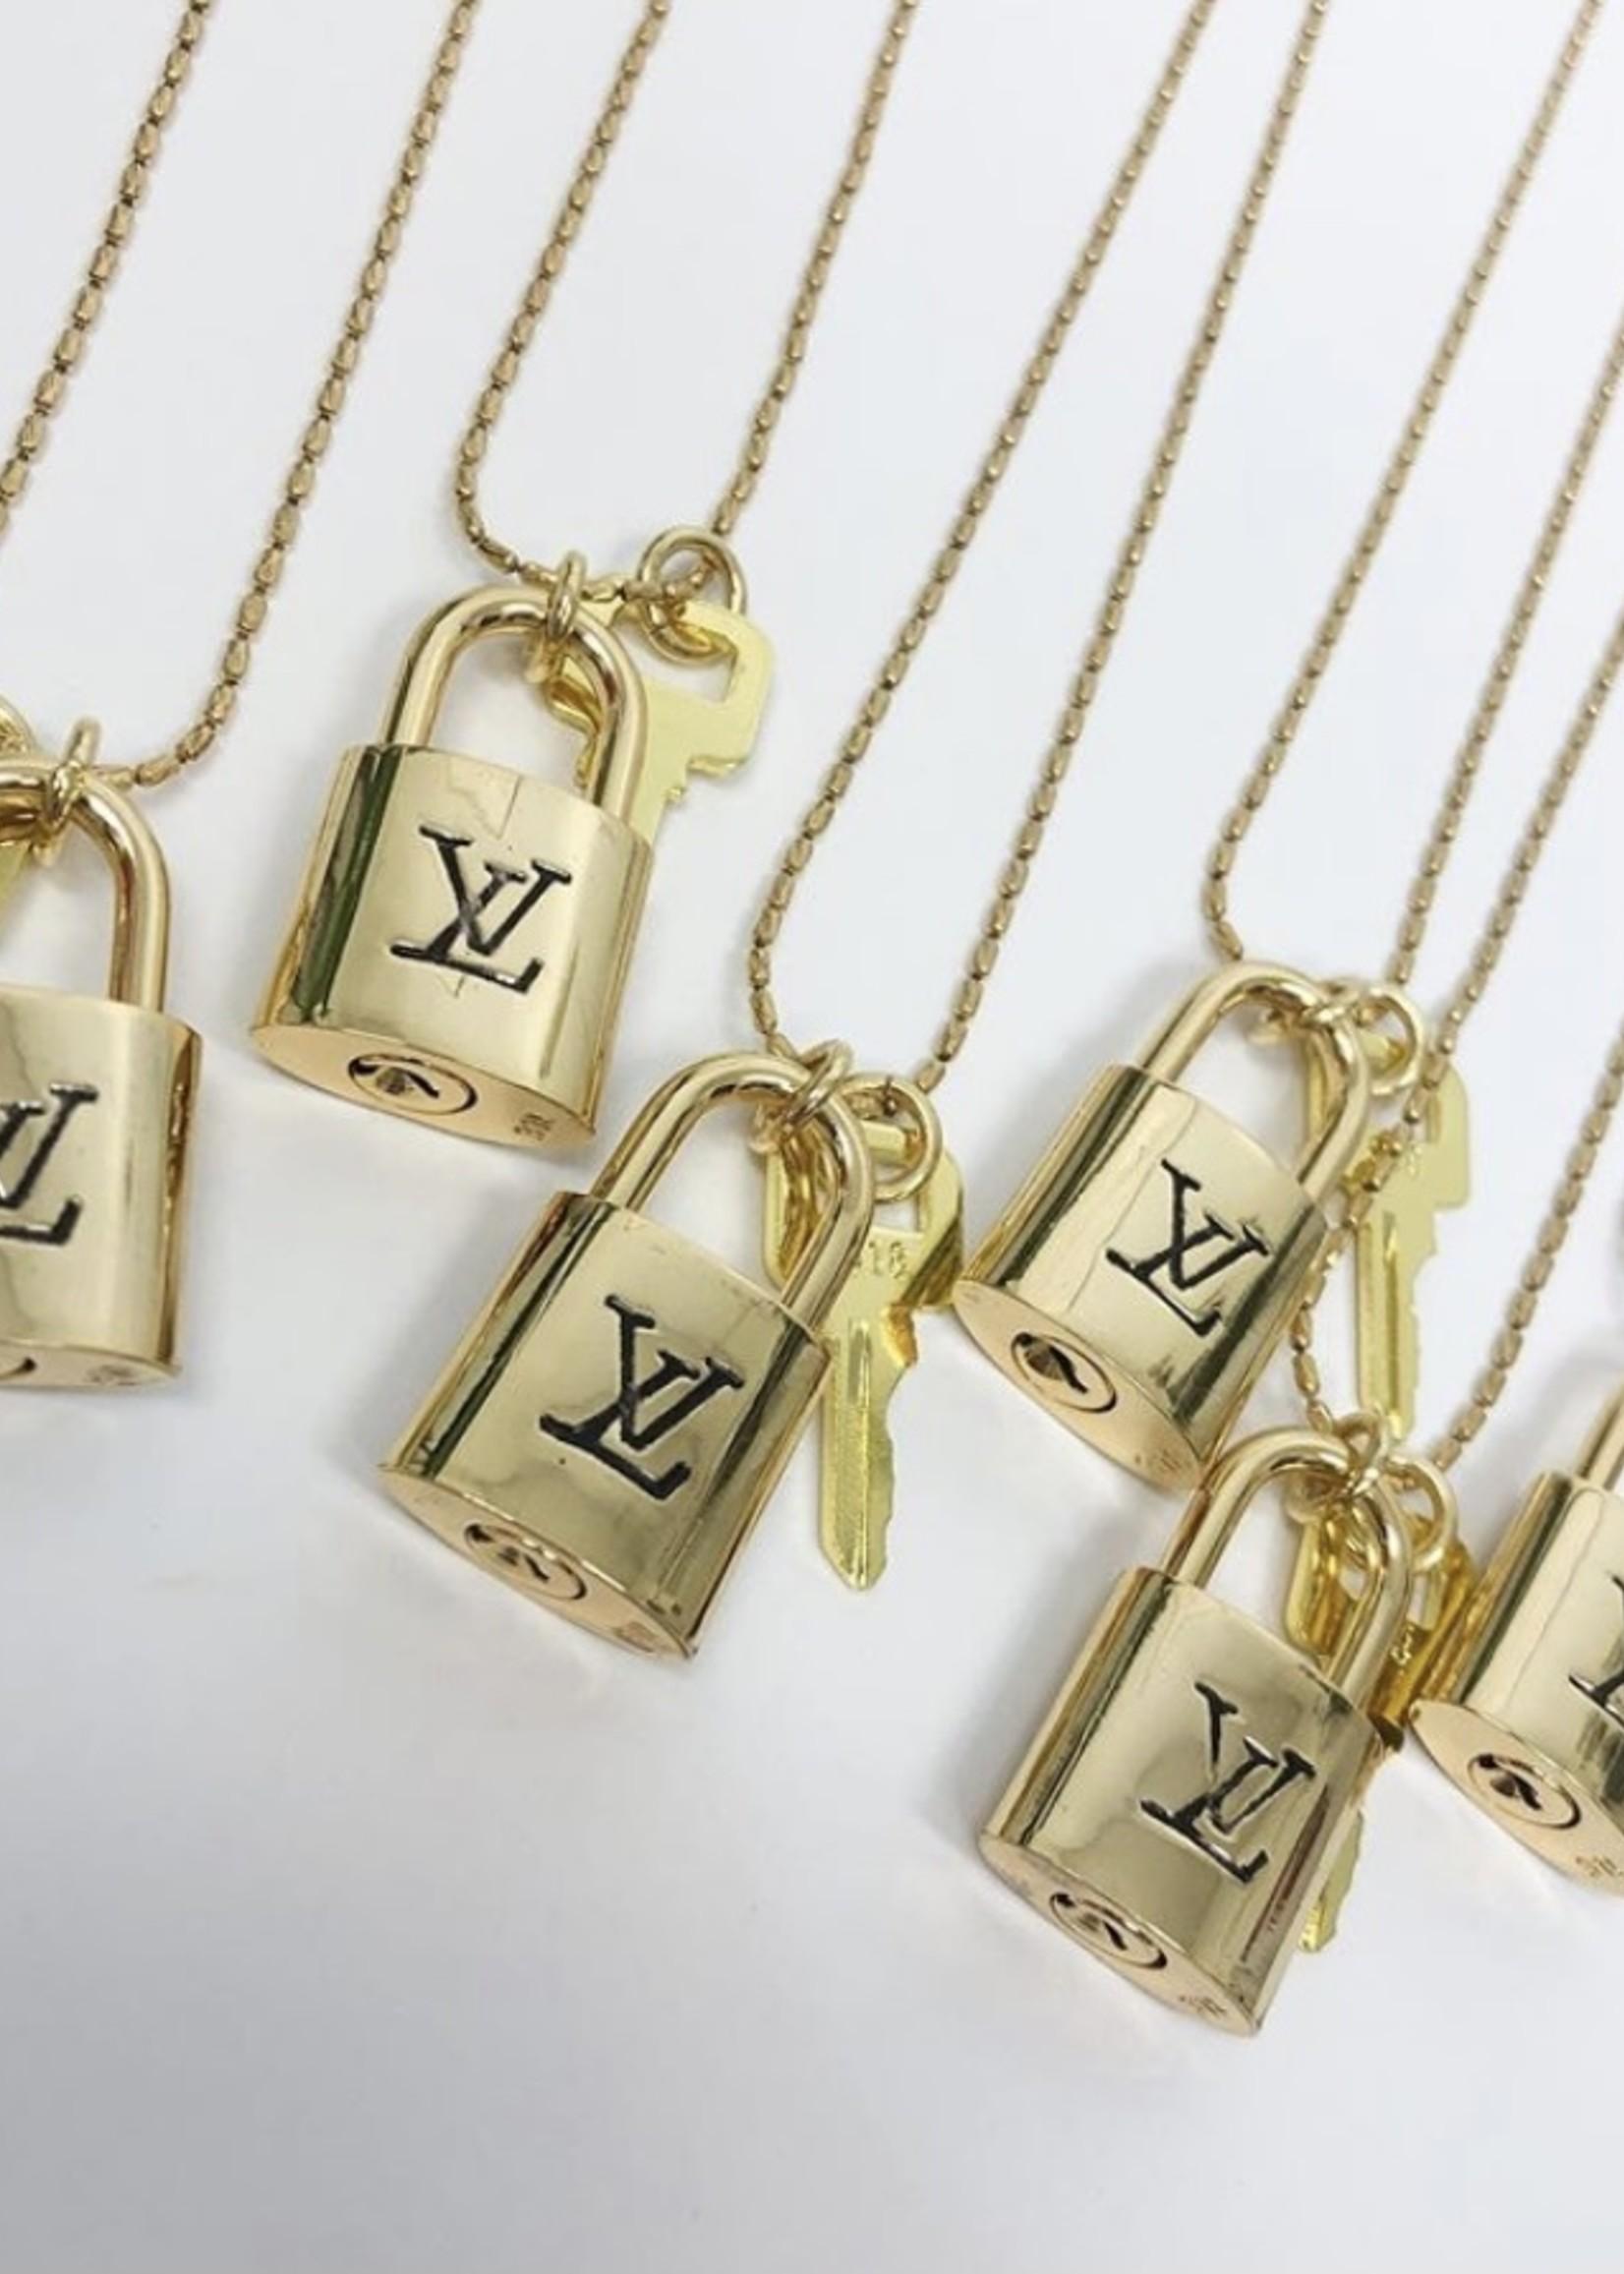 LV Lock Necklace w/ Key